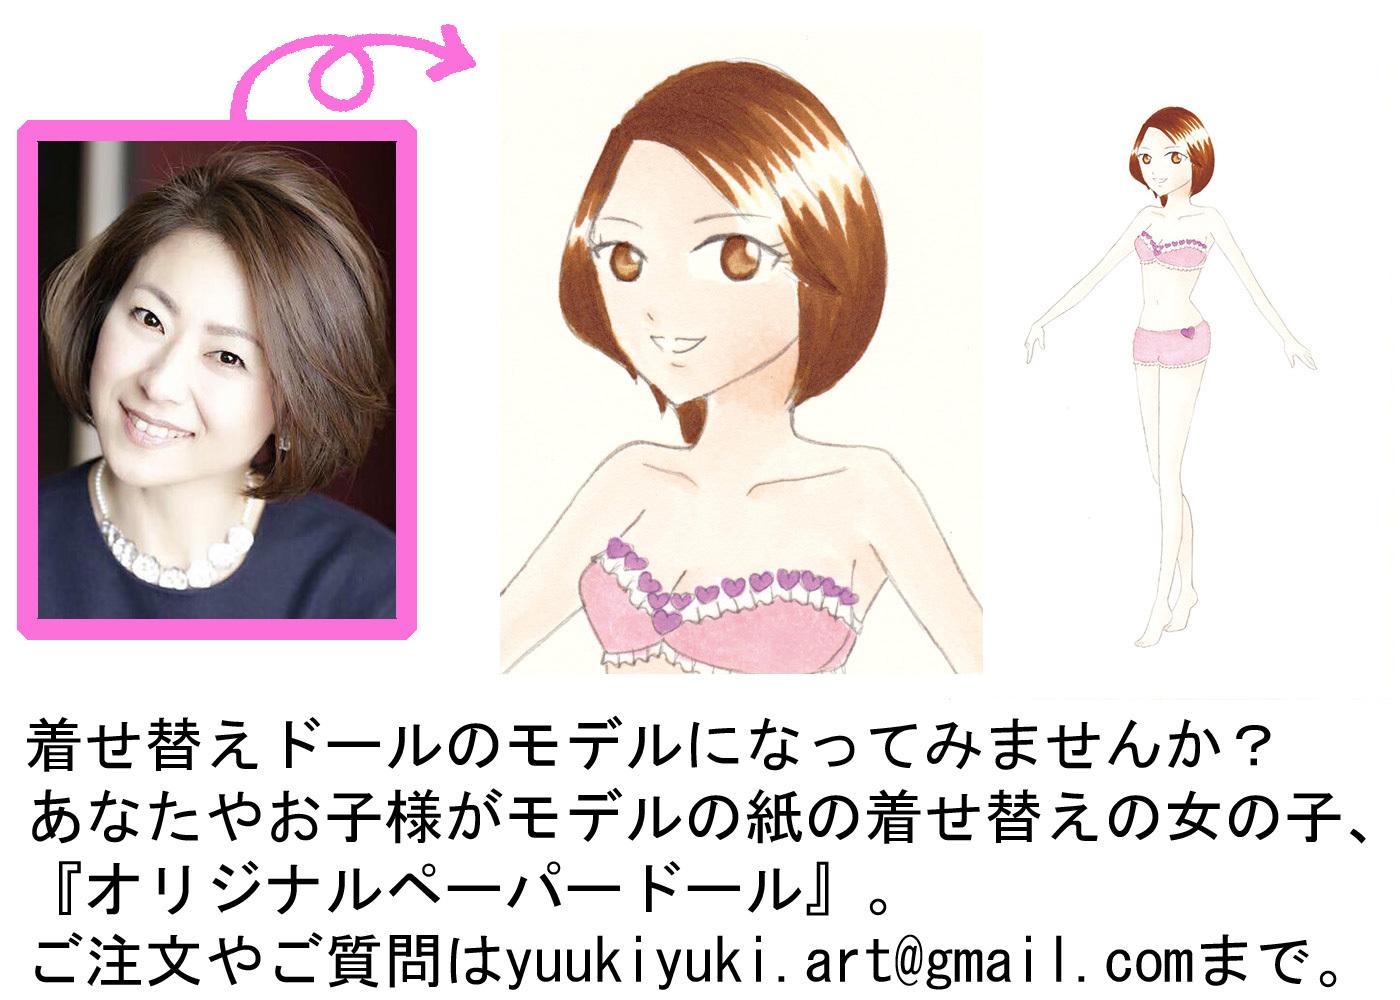 doll_web_moji_mihon05.jpg